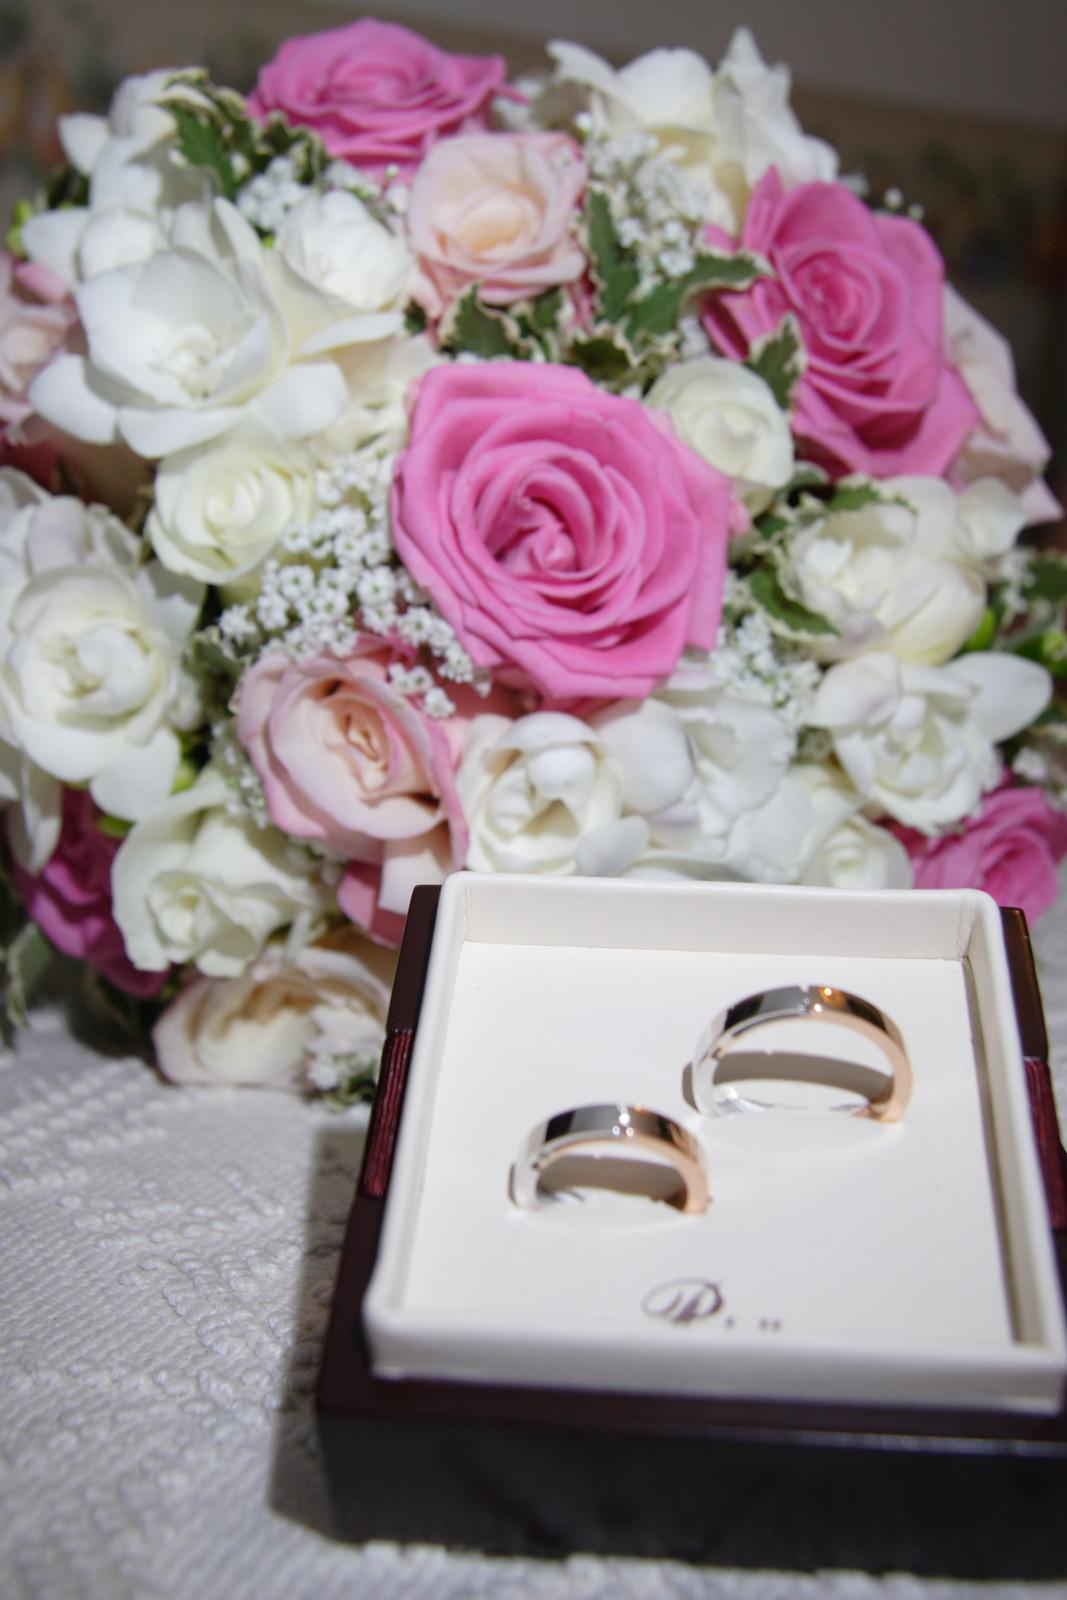 Anniversario Di Matrimonio 6 Anni.Le Creazioni Di Paola 6 Anniversario Di Matrimonio Come